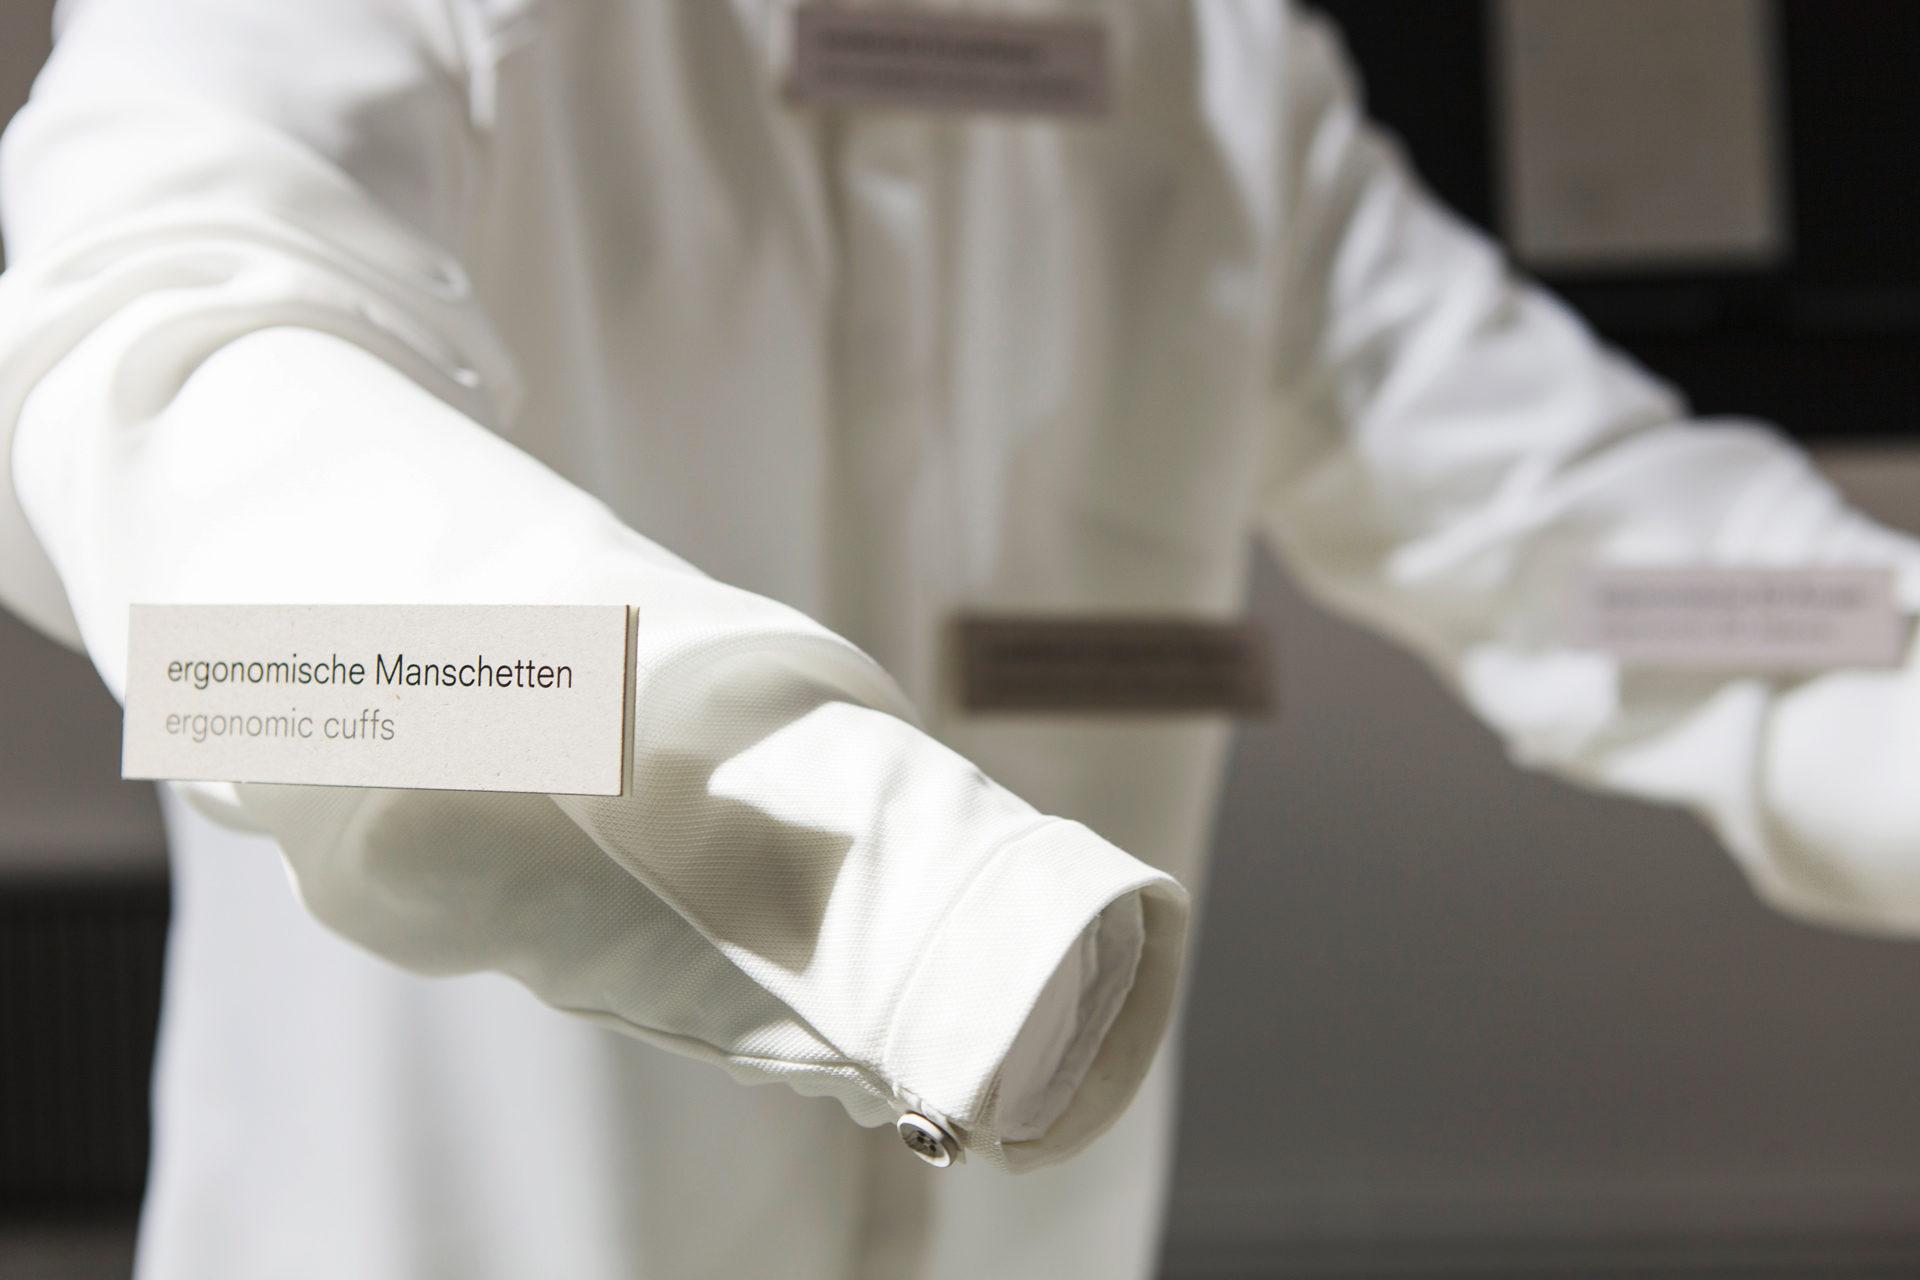 Ergonomisches Hemd als Projektbeispiel für urbane Produktion in der Ausstellung Future Factory, gemacht von Designerin Daryn Chook